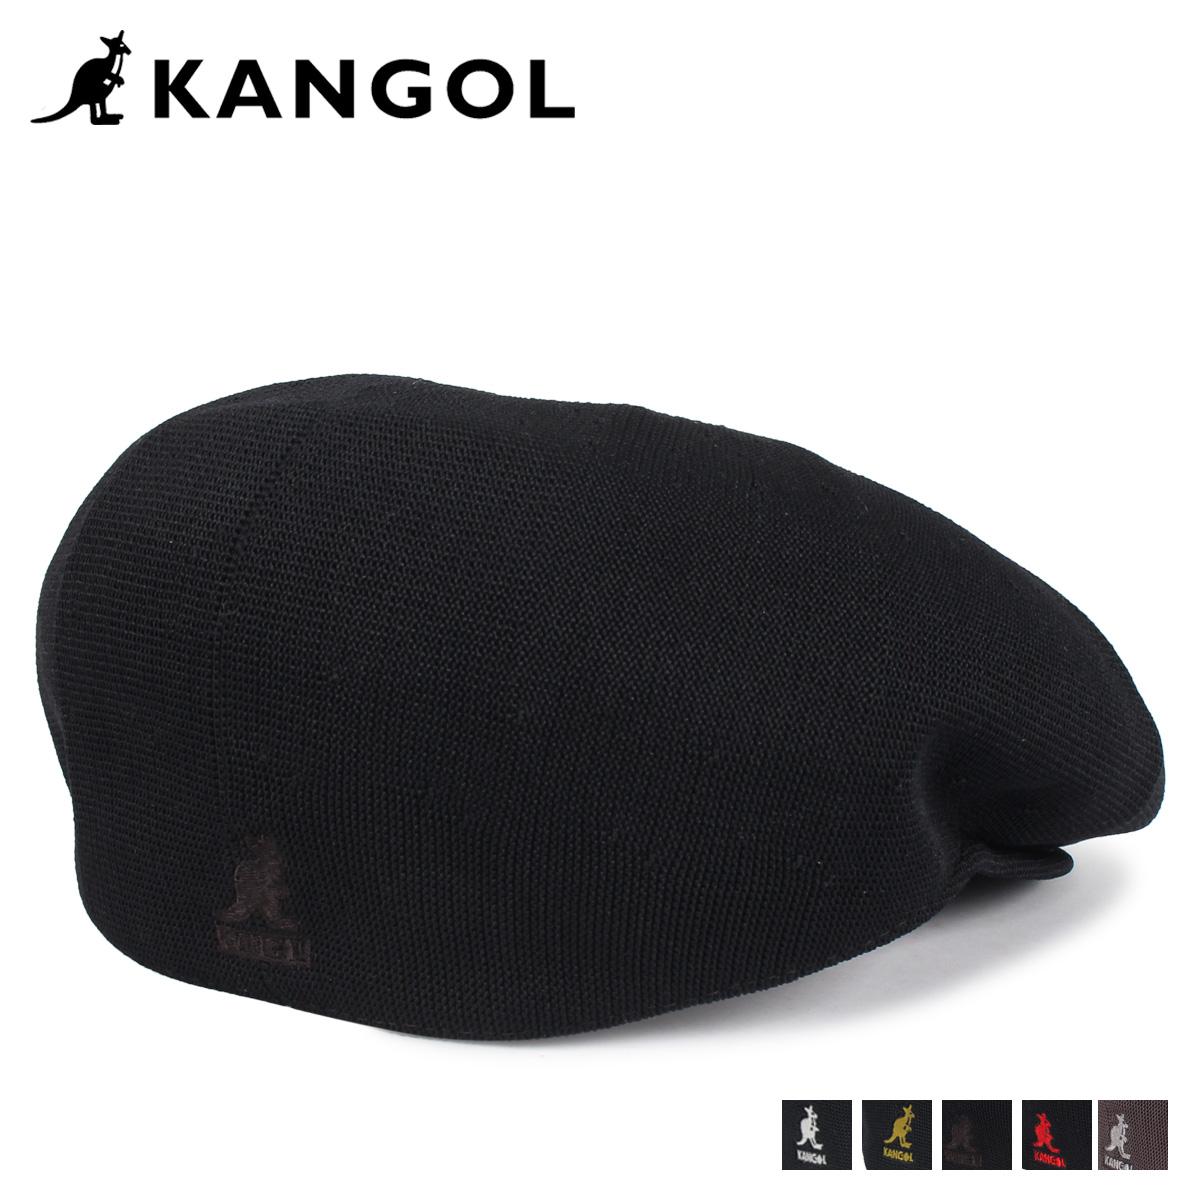 送料無料 カンゴール KANGOL ハンチング帽 帽子 最大600円クーポン ハンチング 購入 メンズ レディース SMU GALAXY 黒 195169501 TROPIC ブラック 好評